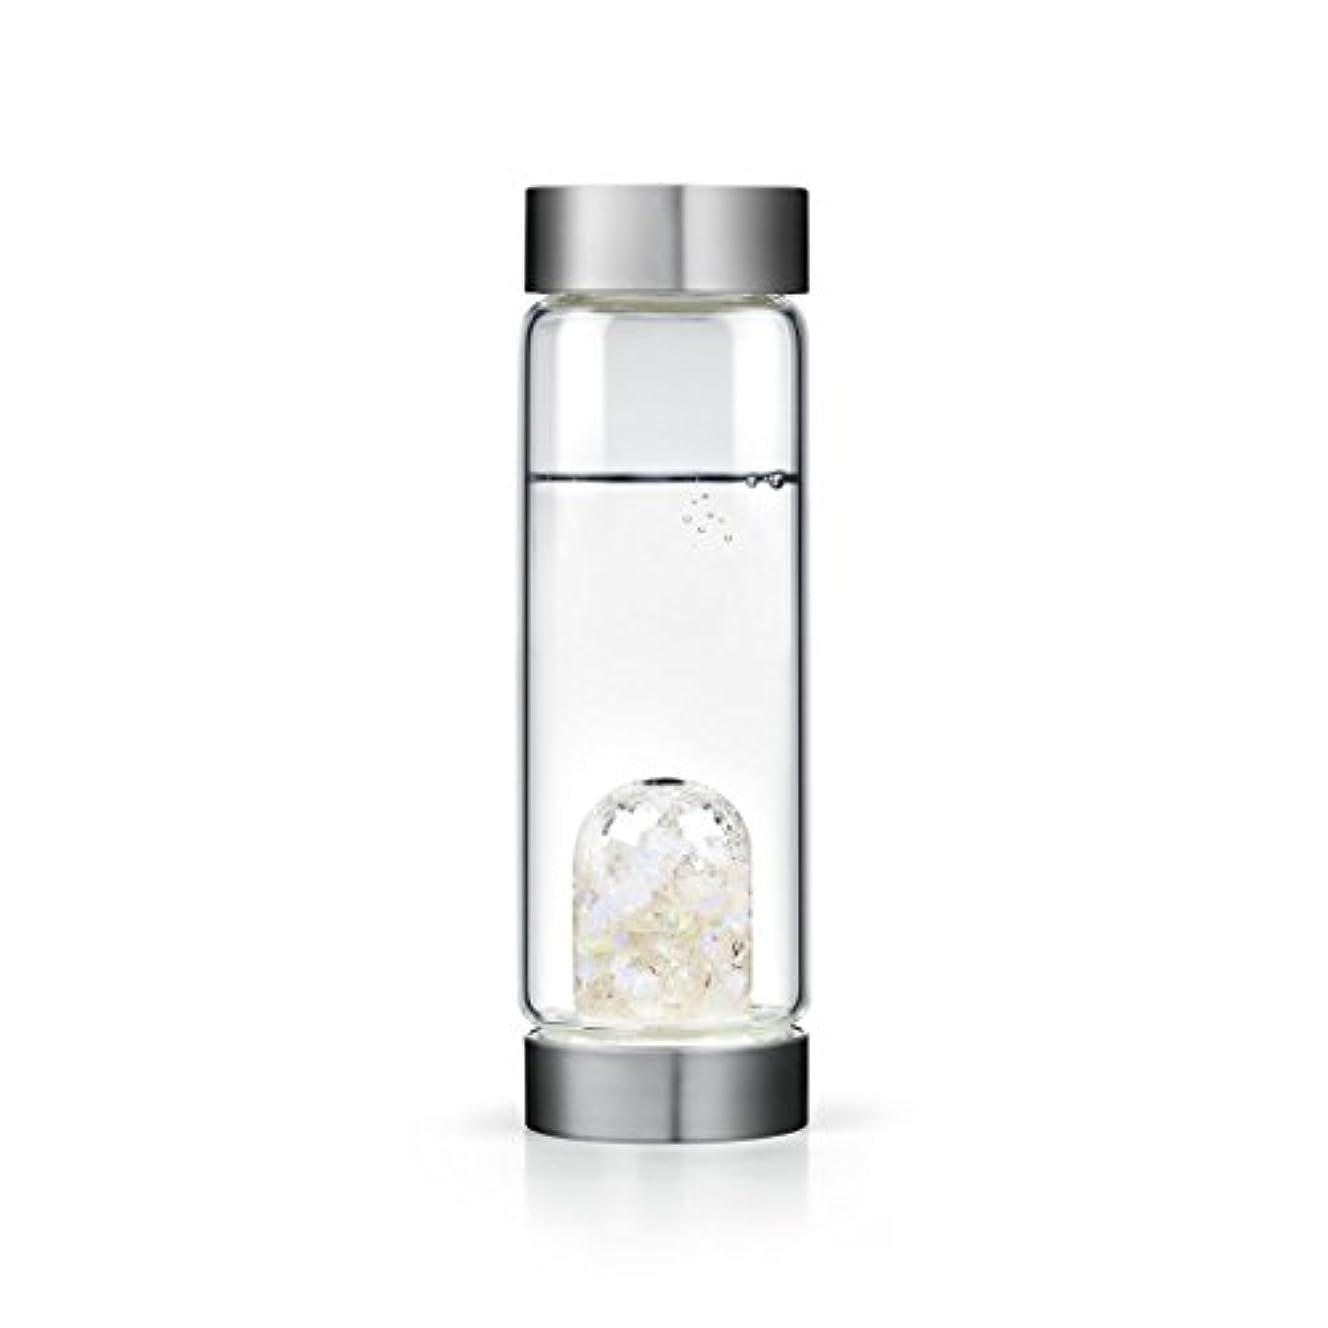 エゴイズムビスケット銀河Luna gem-waterボトルby VitaJuwel W / Freeカリフォルニアホワイトセージバンドル 16.9 fl oz